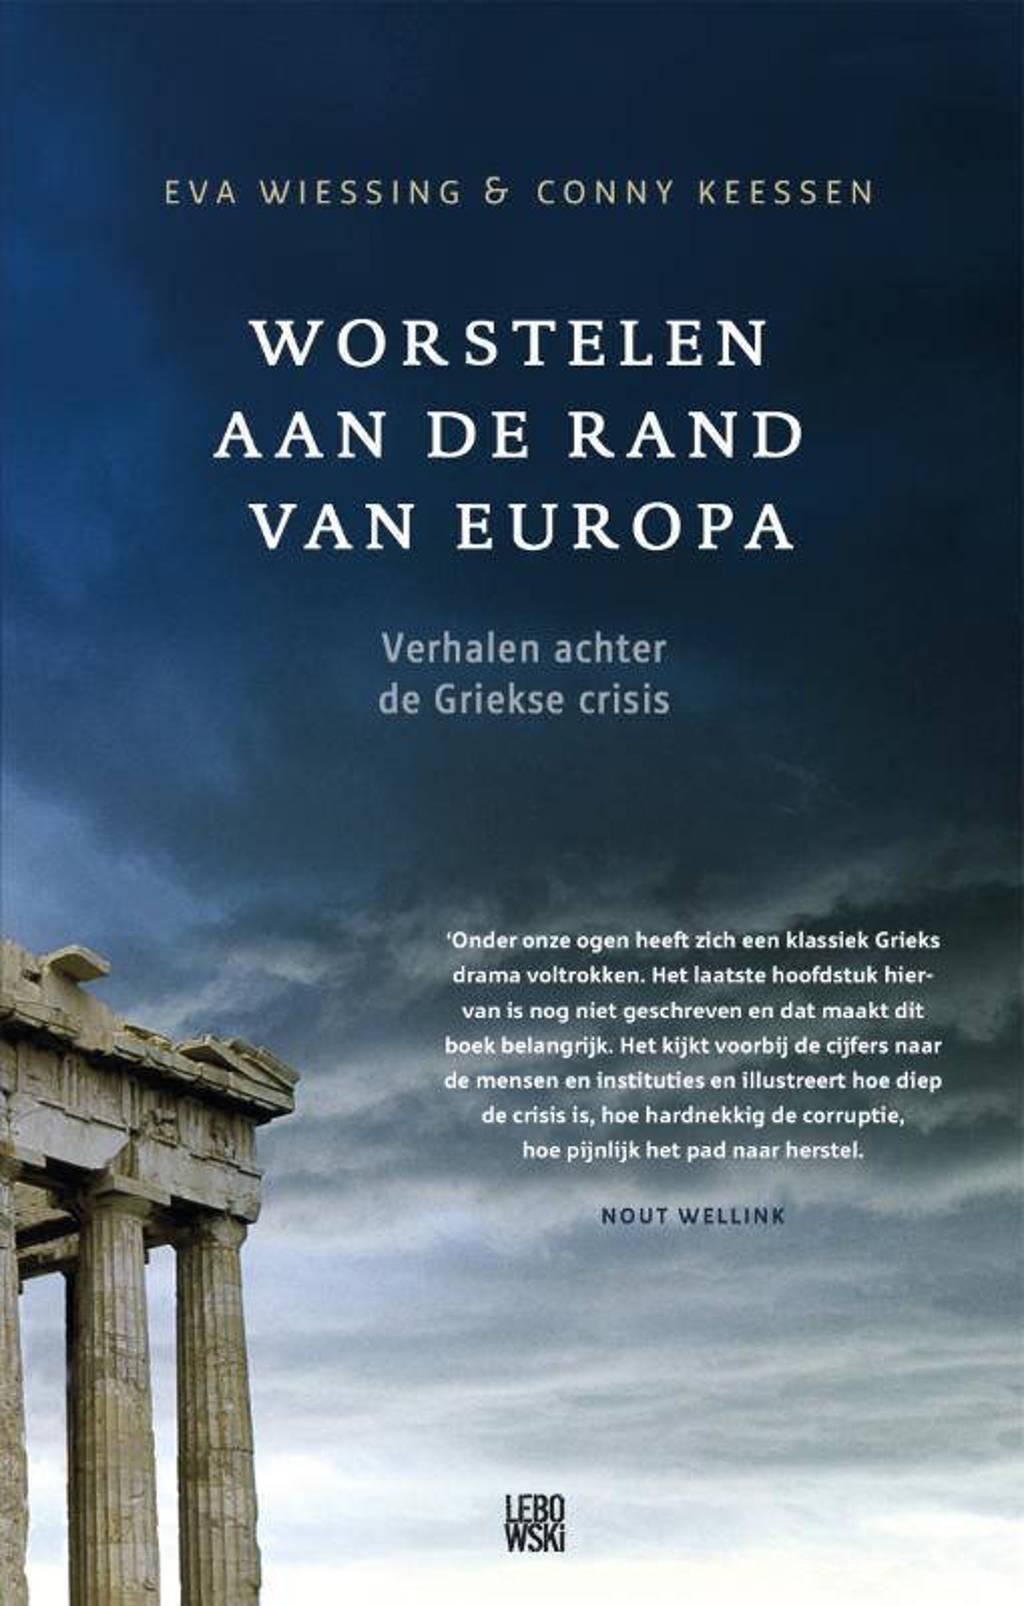 Worstelen aan de rand van Europa - Eva Wiessing en Conny Keessen